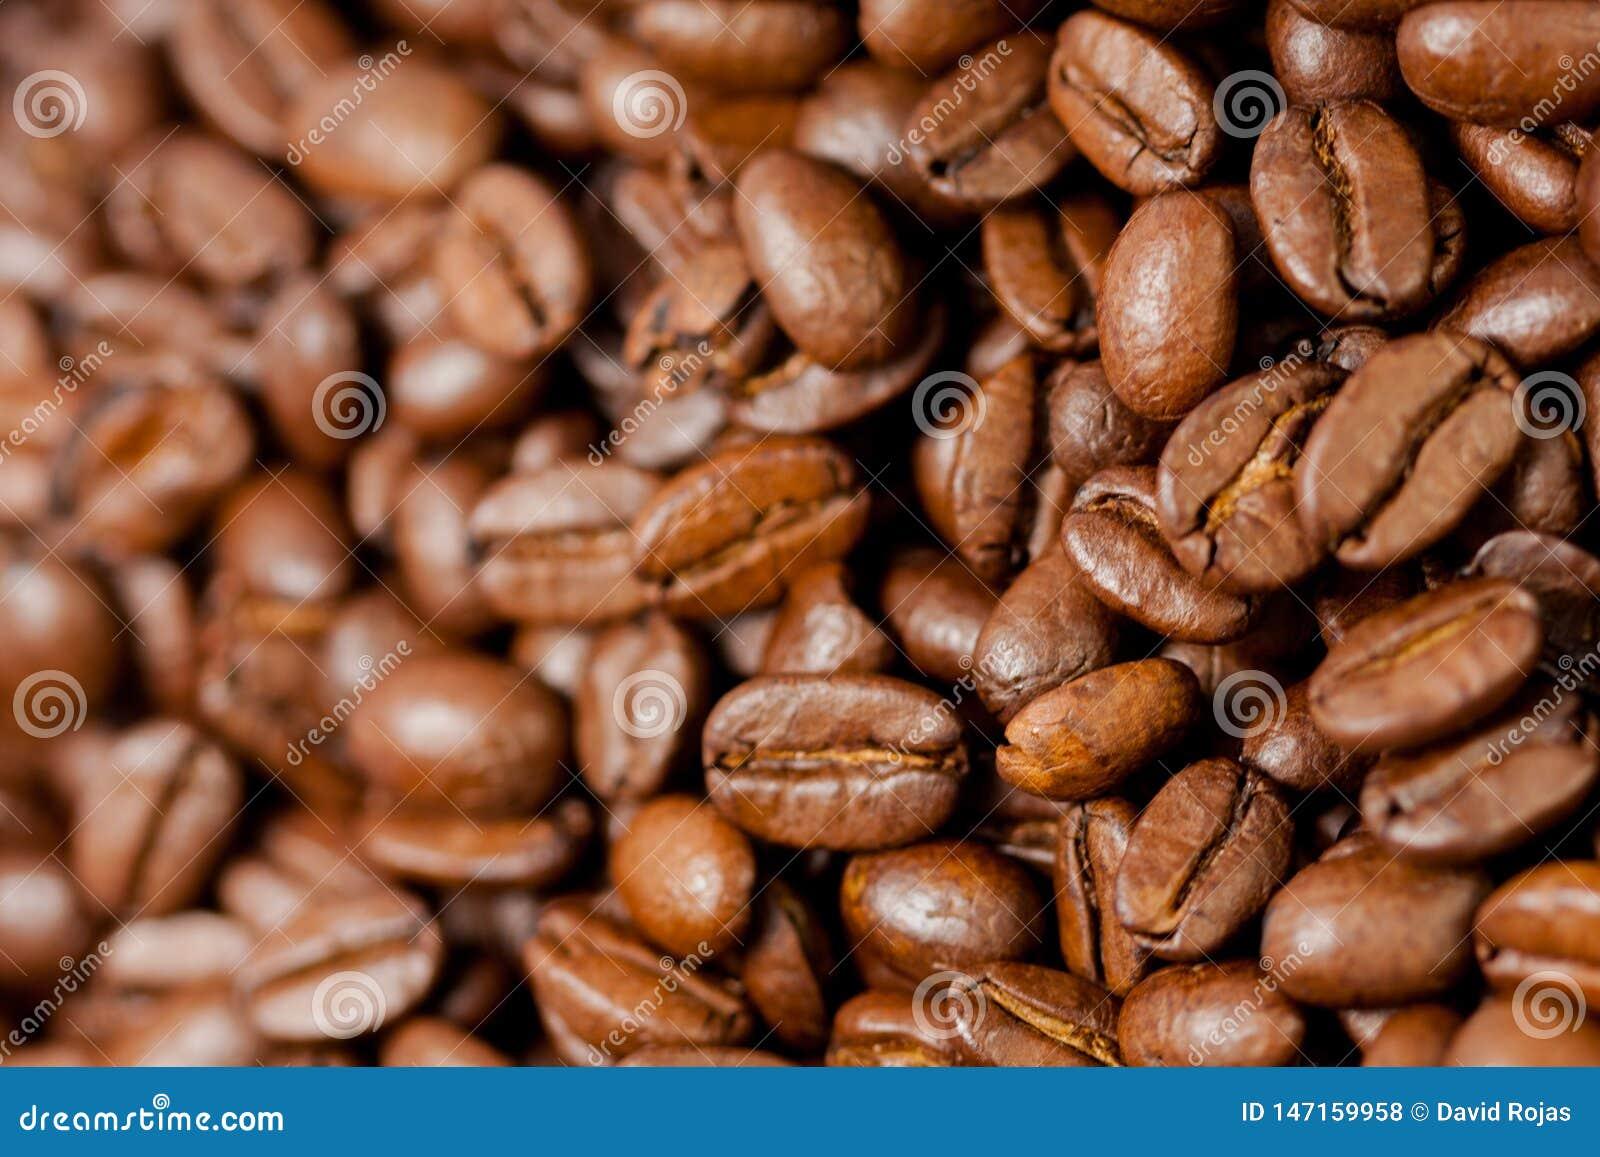 Recientemente molido habas del café asadas con las frutas de la planta del café, llenas de granos